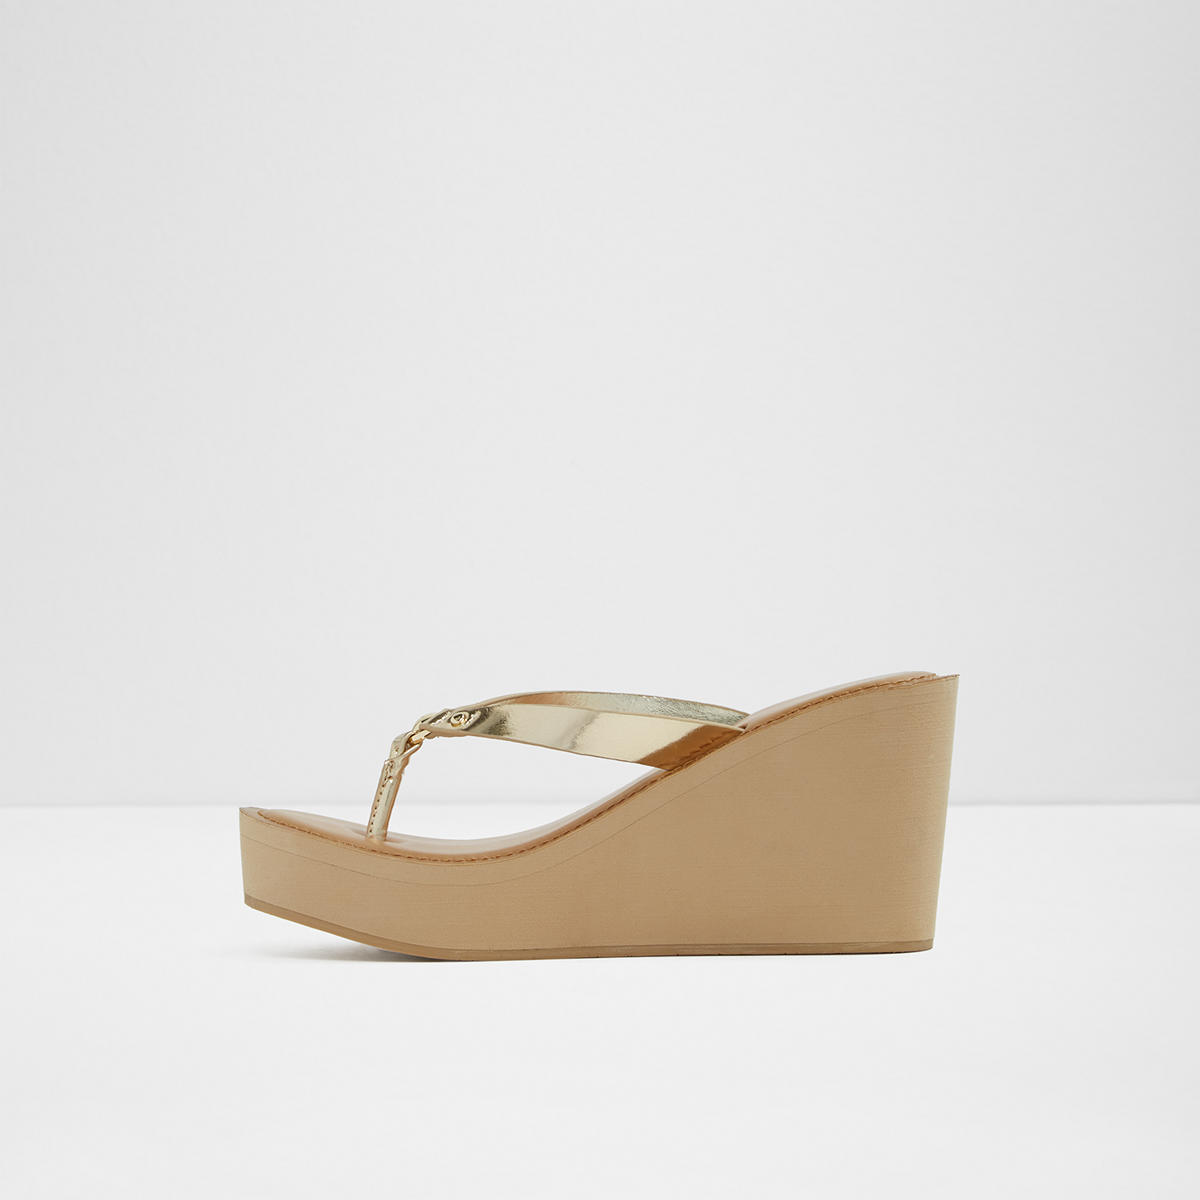 12c3091d70e9 Chelama Gold Women s Sandals